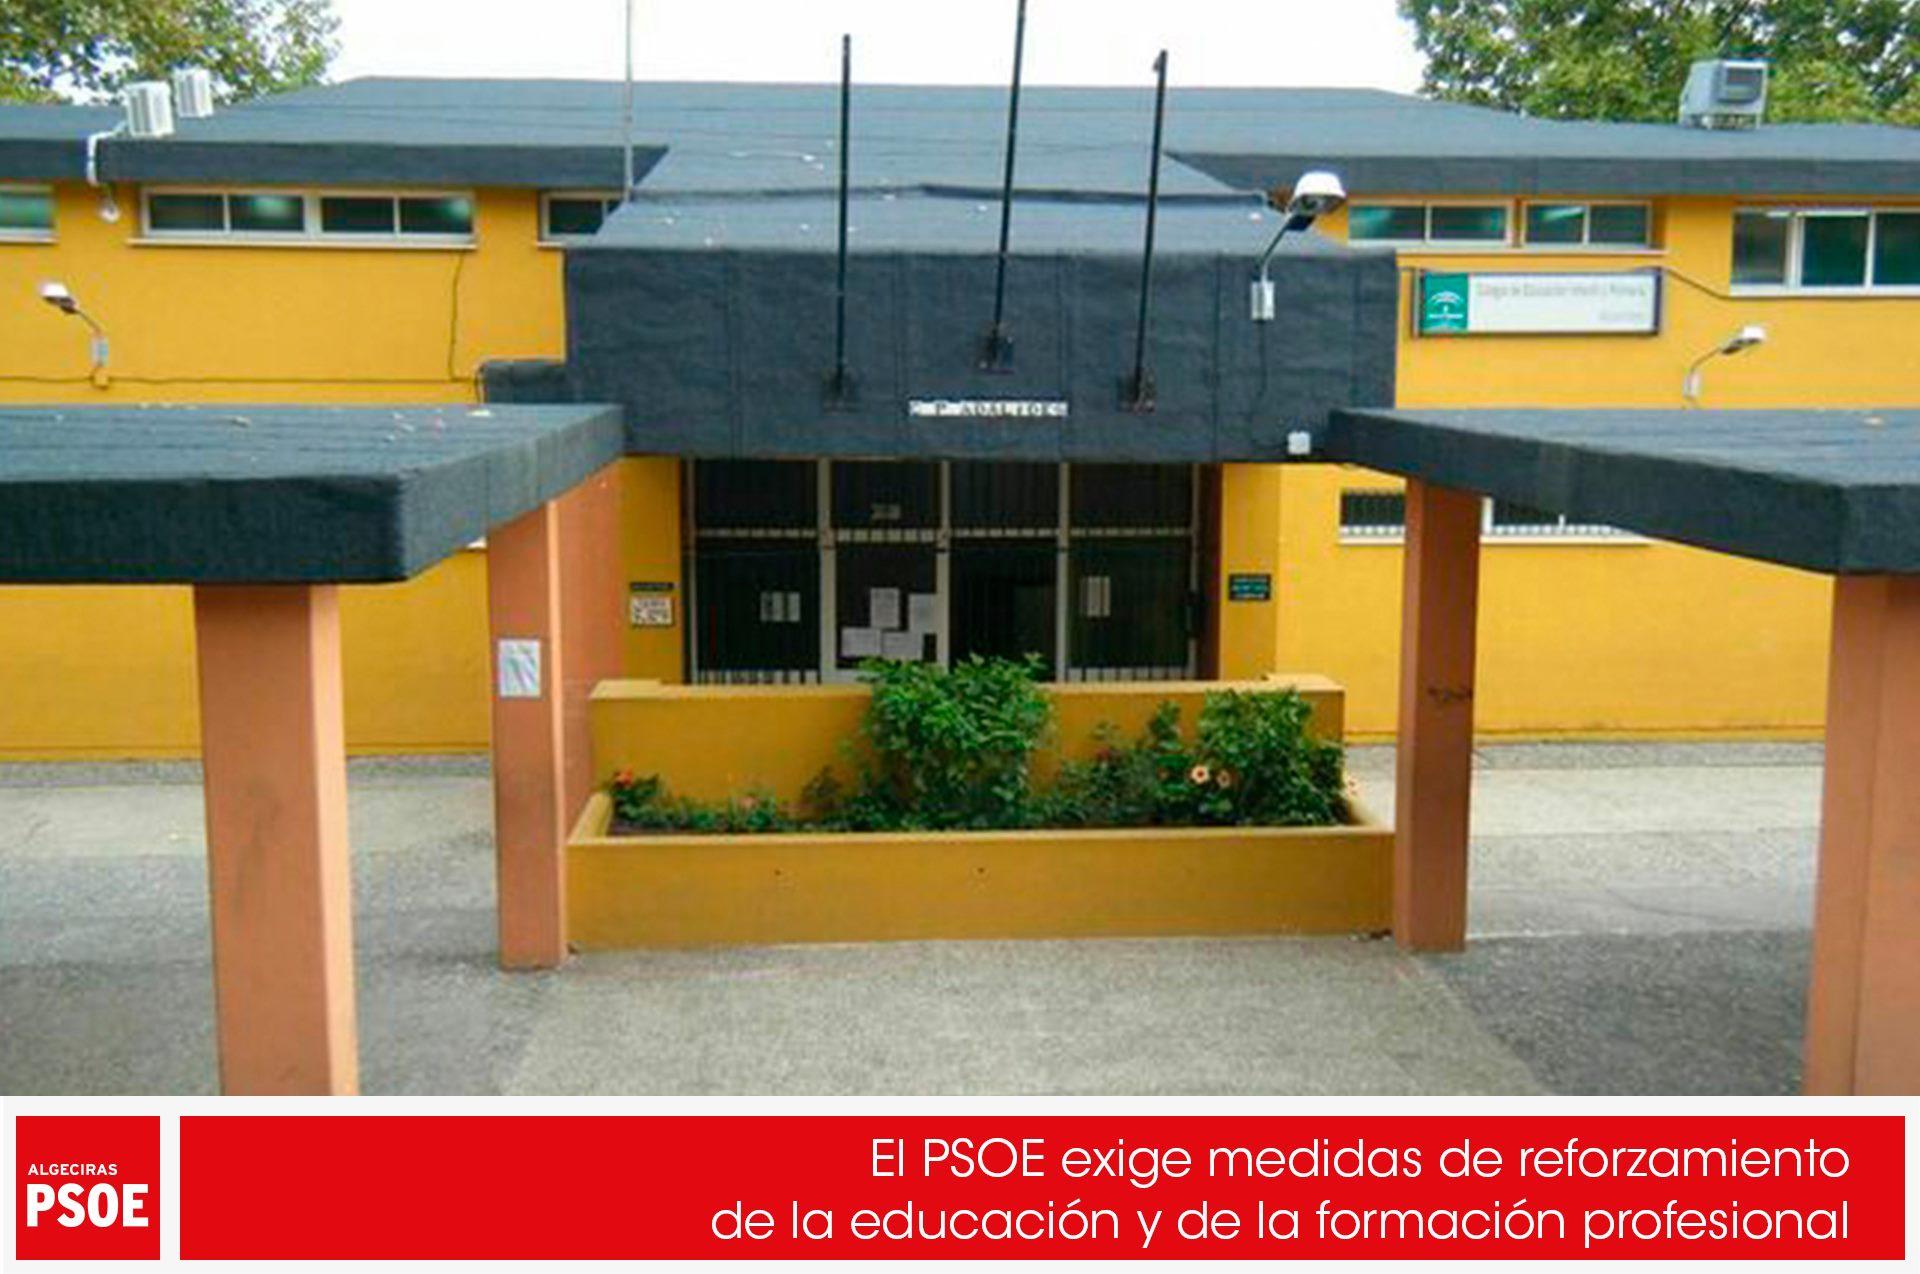 El PSOE exige medidas de reforzamiento de la educación y de la formación profesional